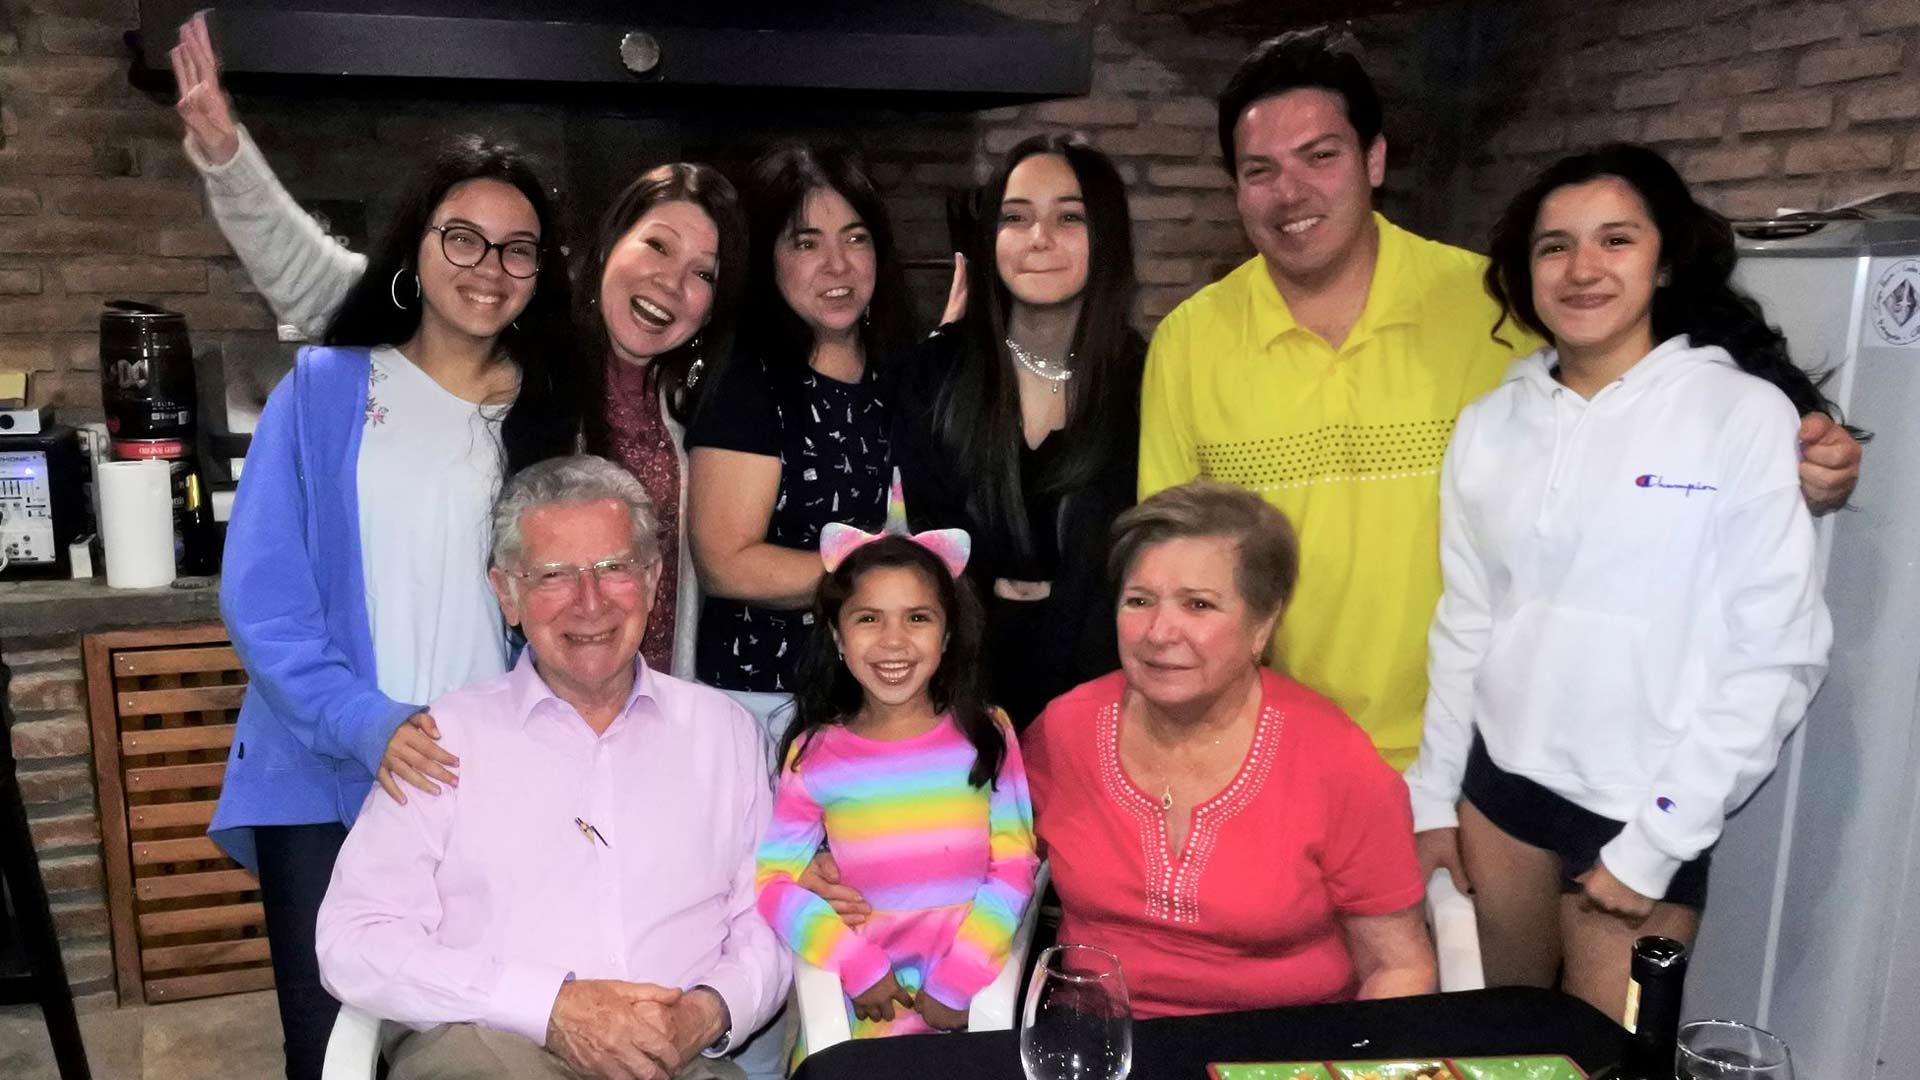 Vieraiden kunniaksi järjestettiin grilli-ilta Enriquen ja Silvian kotona, jossa olivat myös heidän lapsensa Marcela, Ximena ja Ivan perheineen.